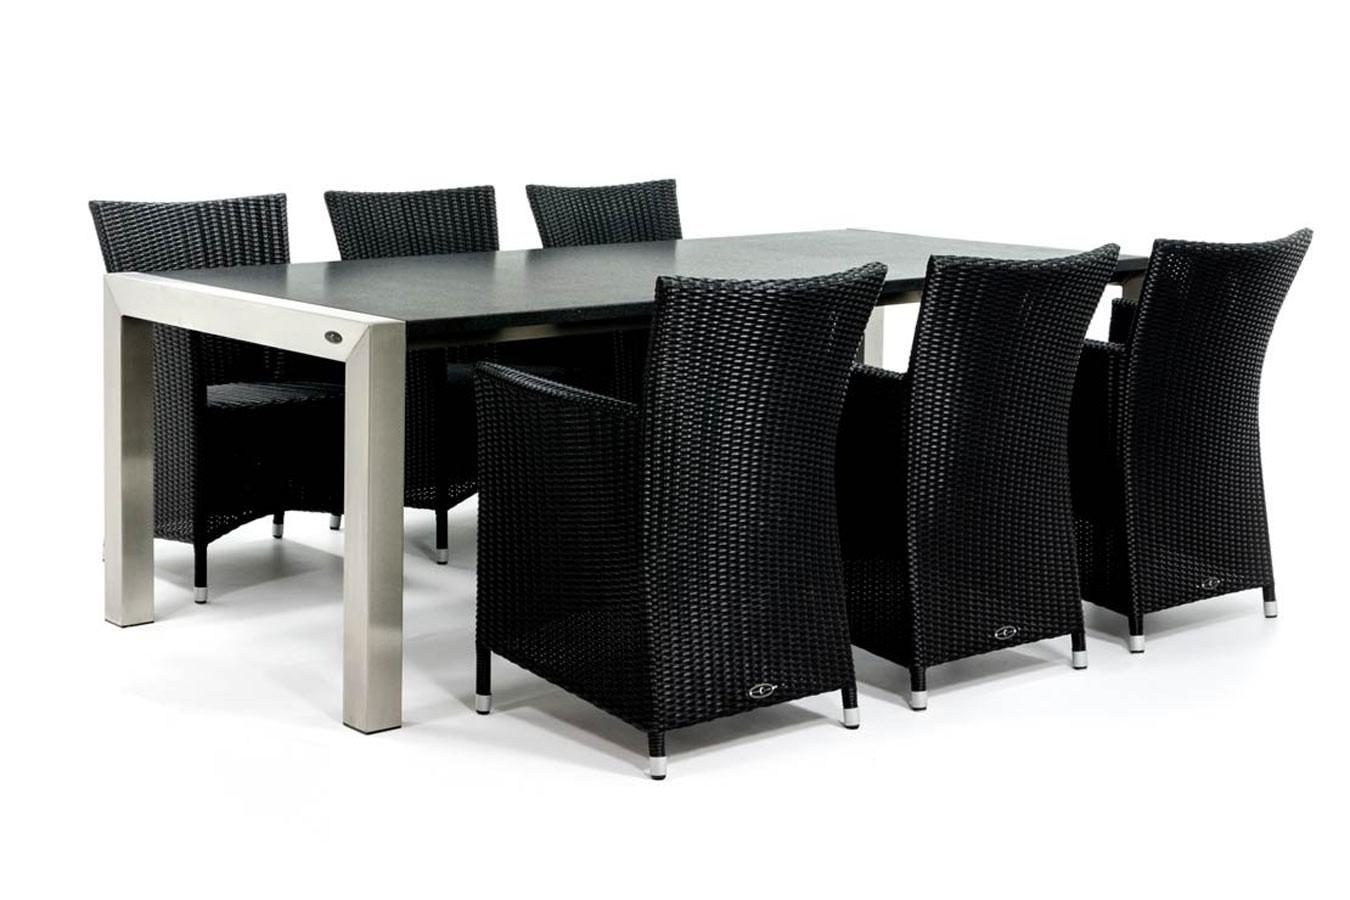 Moderne tuintafel met granieten blad en vlechtwerk stoelen